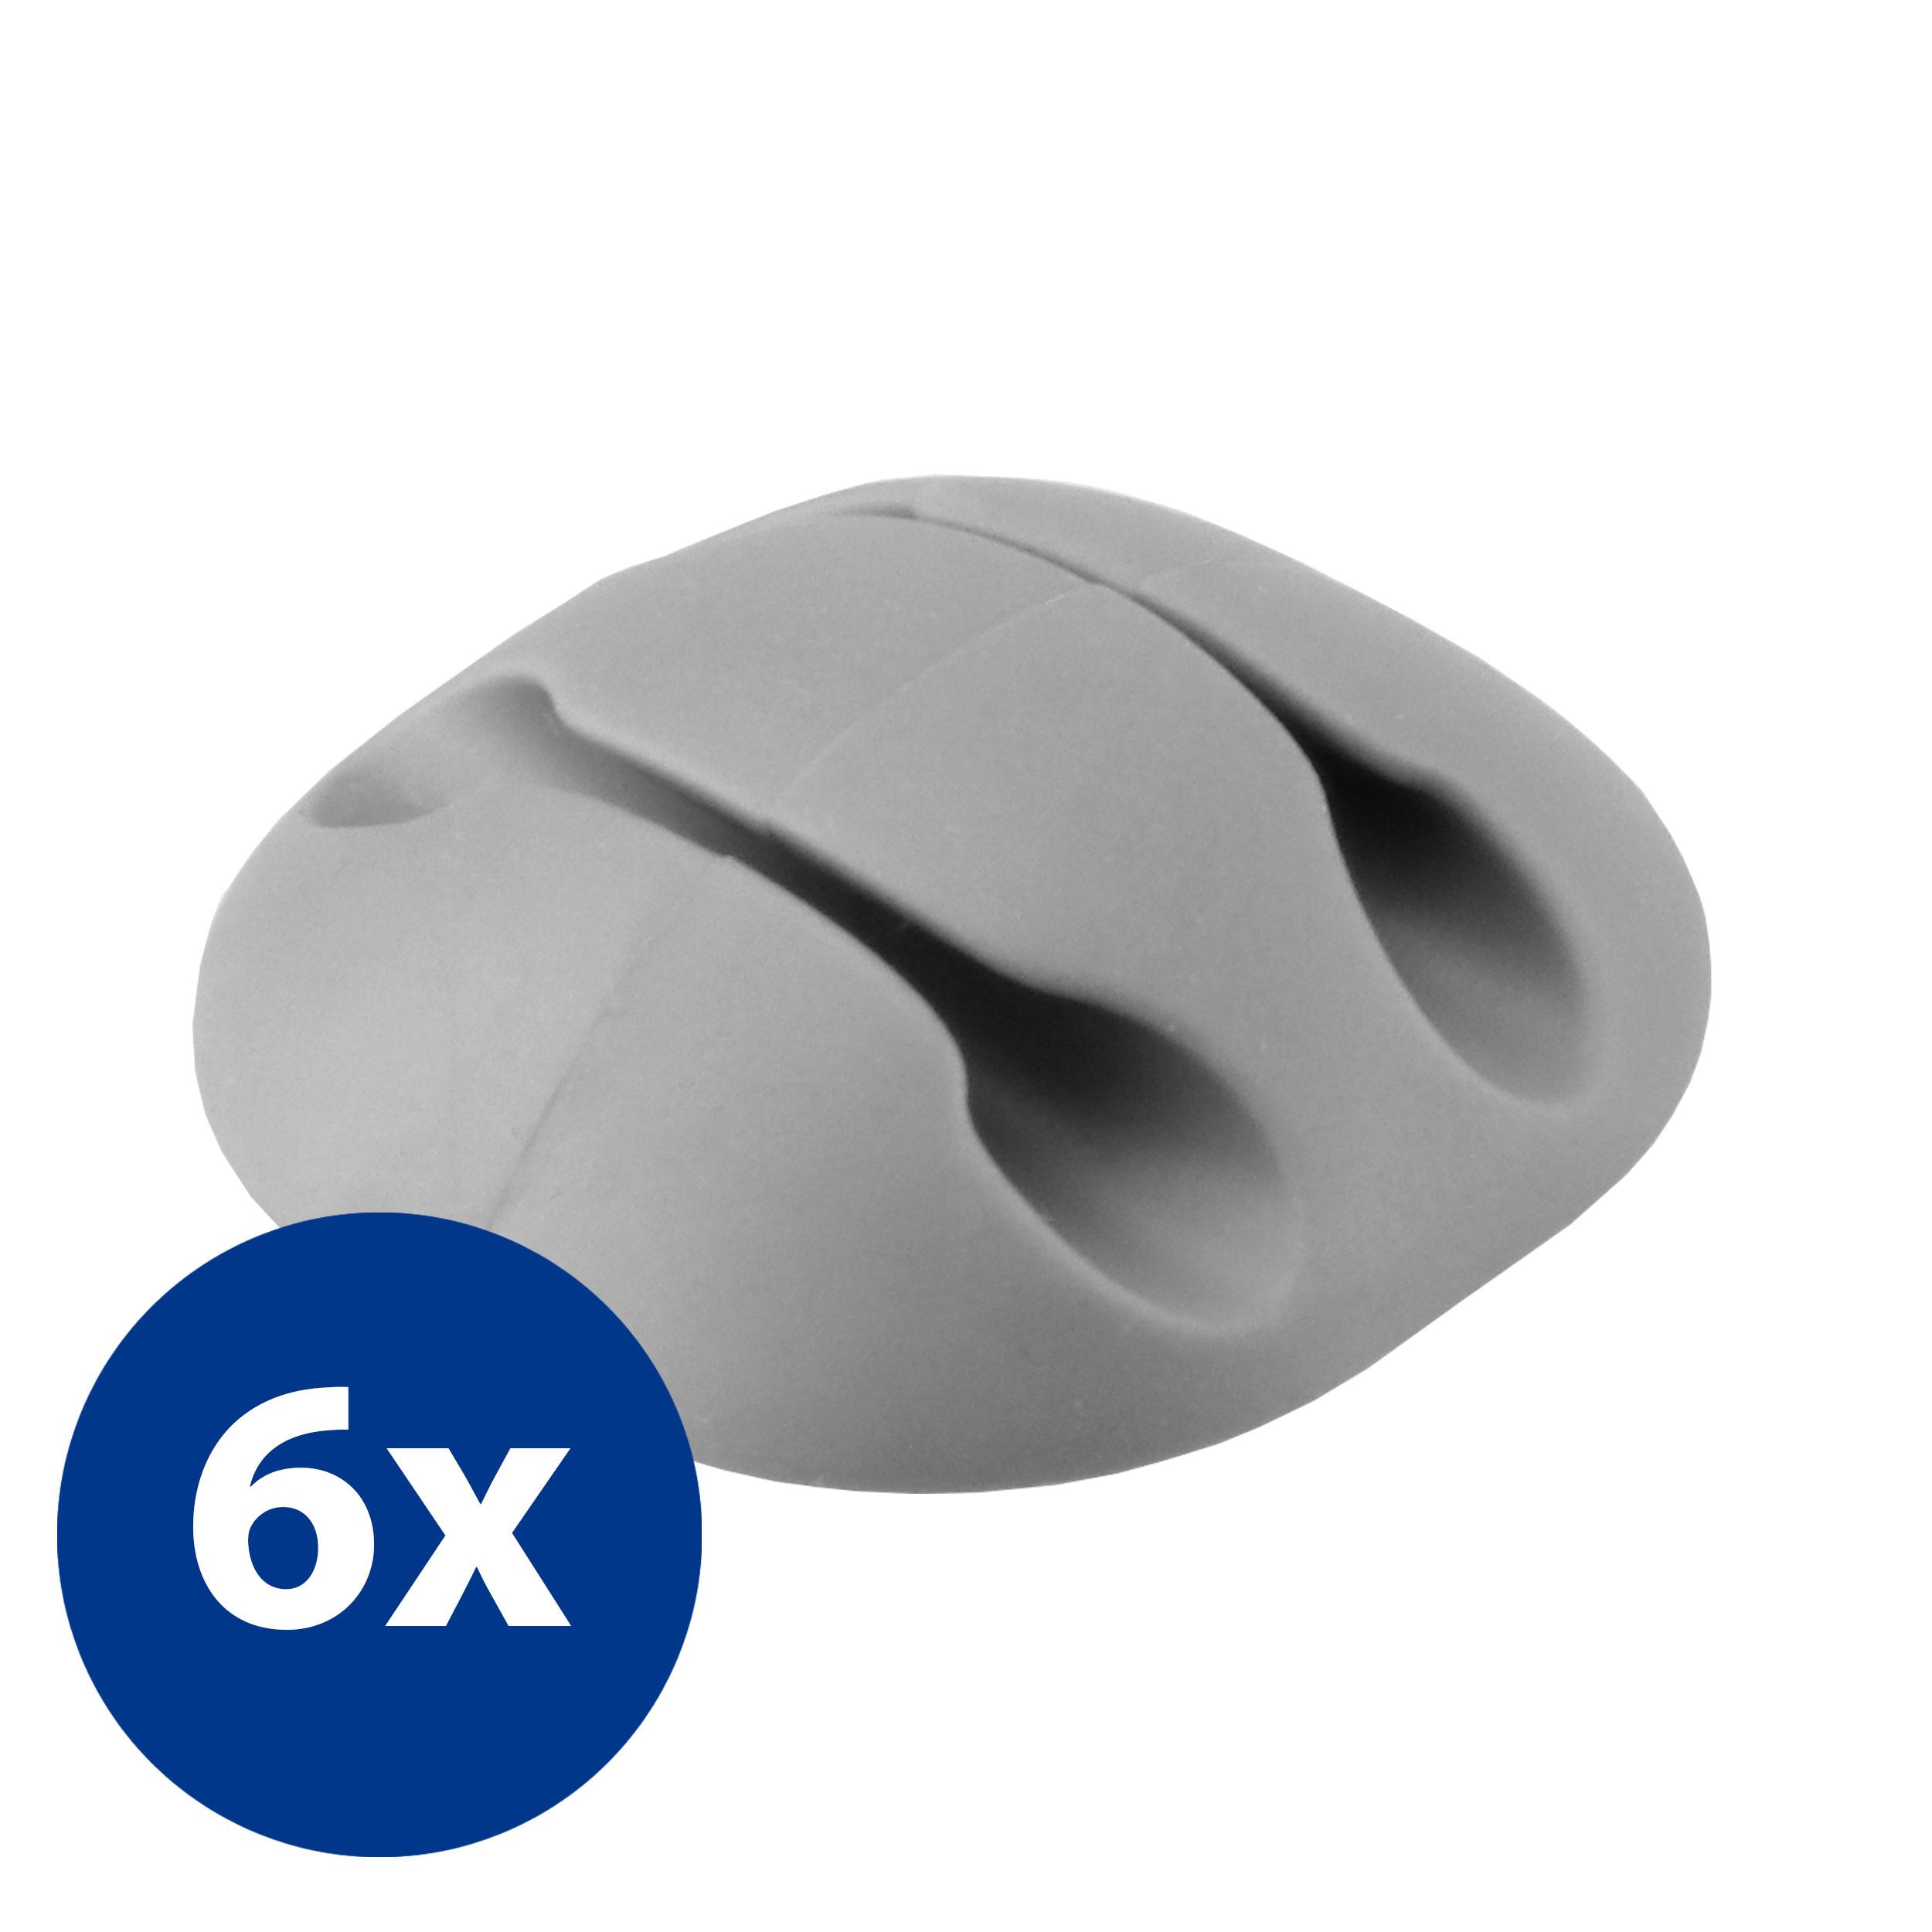 kabelführung 2-fach 6 stck. in grau für kabel bis 3mm | kabel